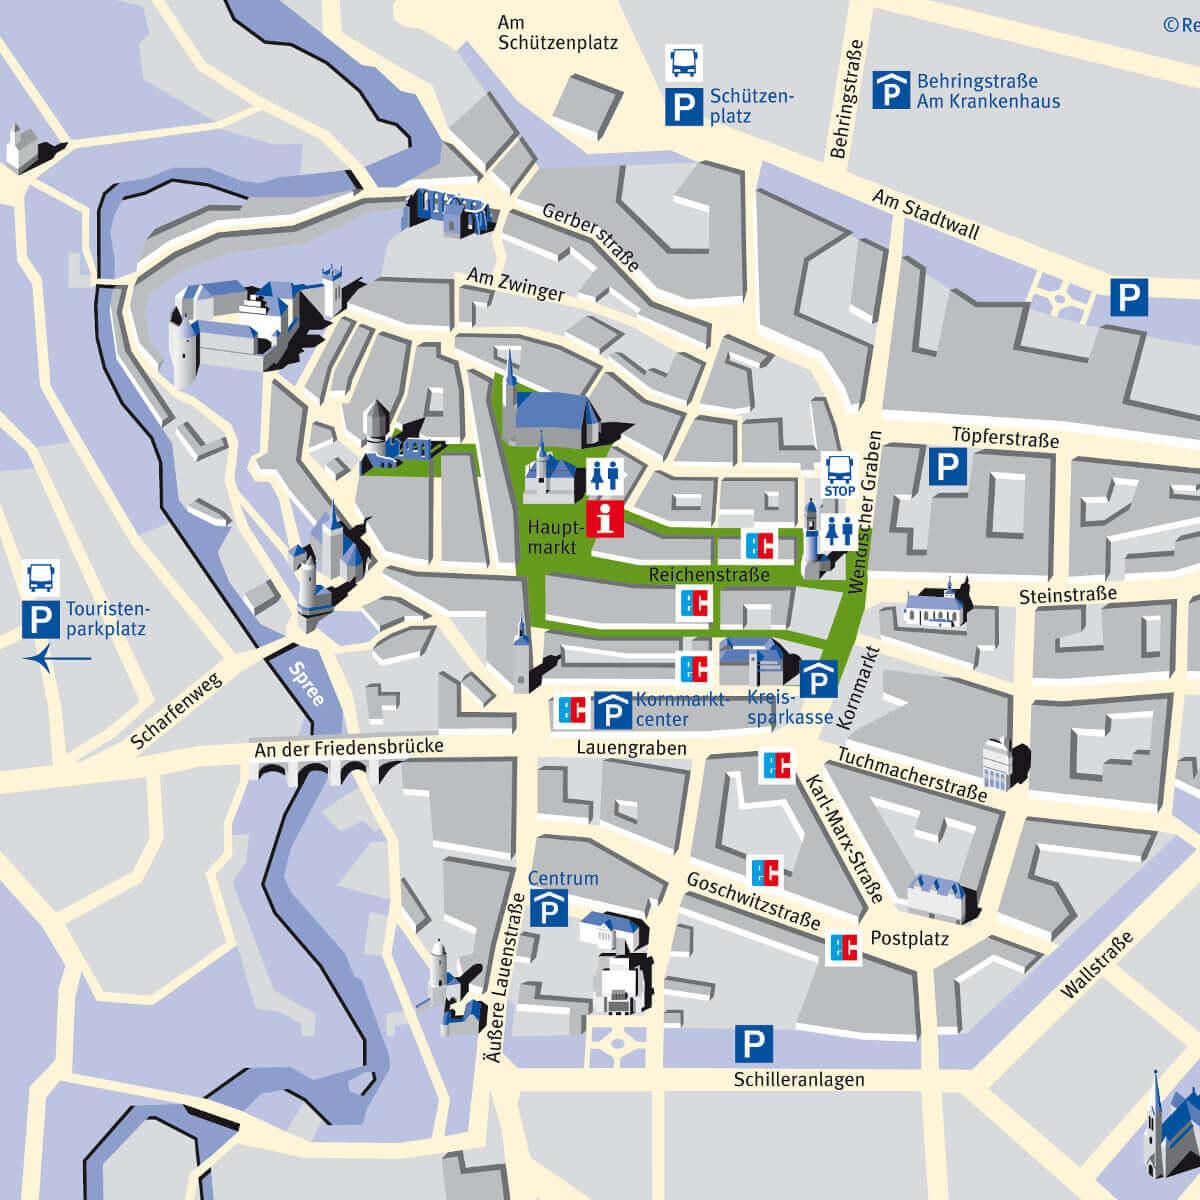 Parkplätze zum Altstadtfestival